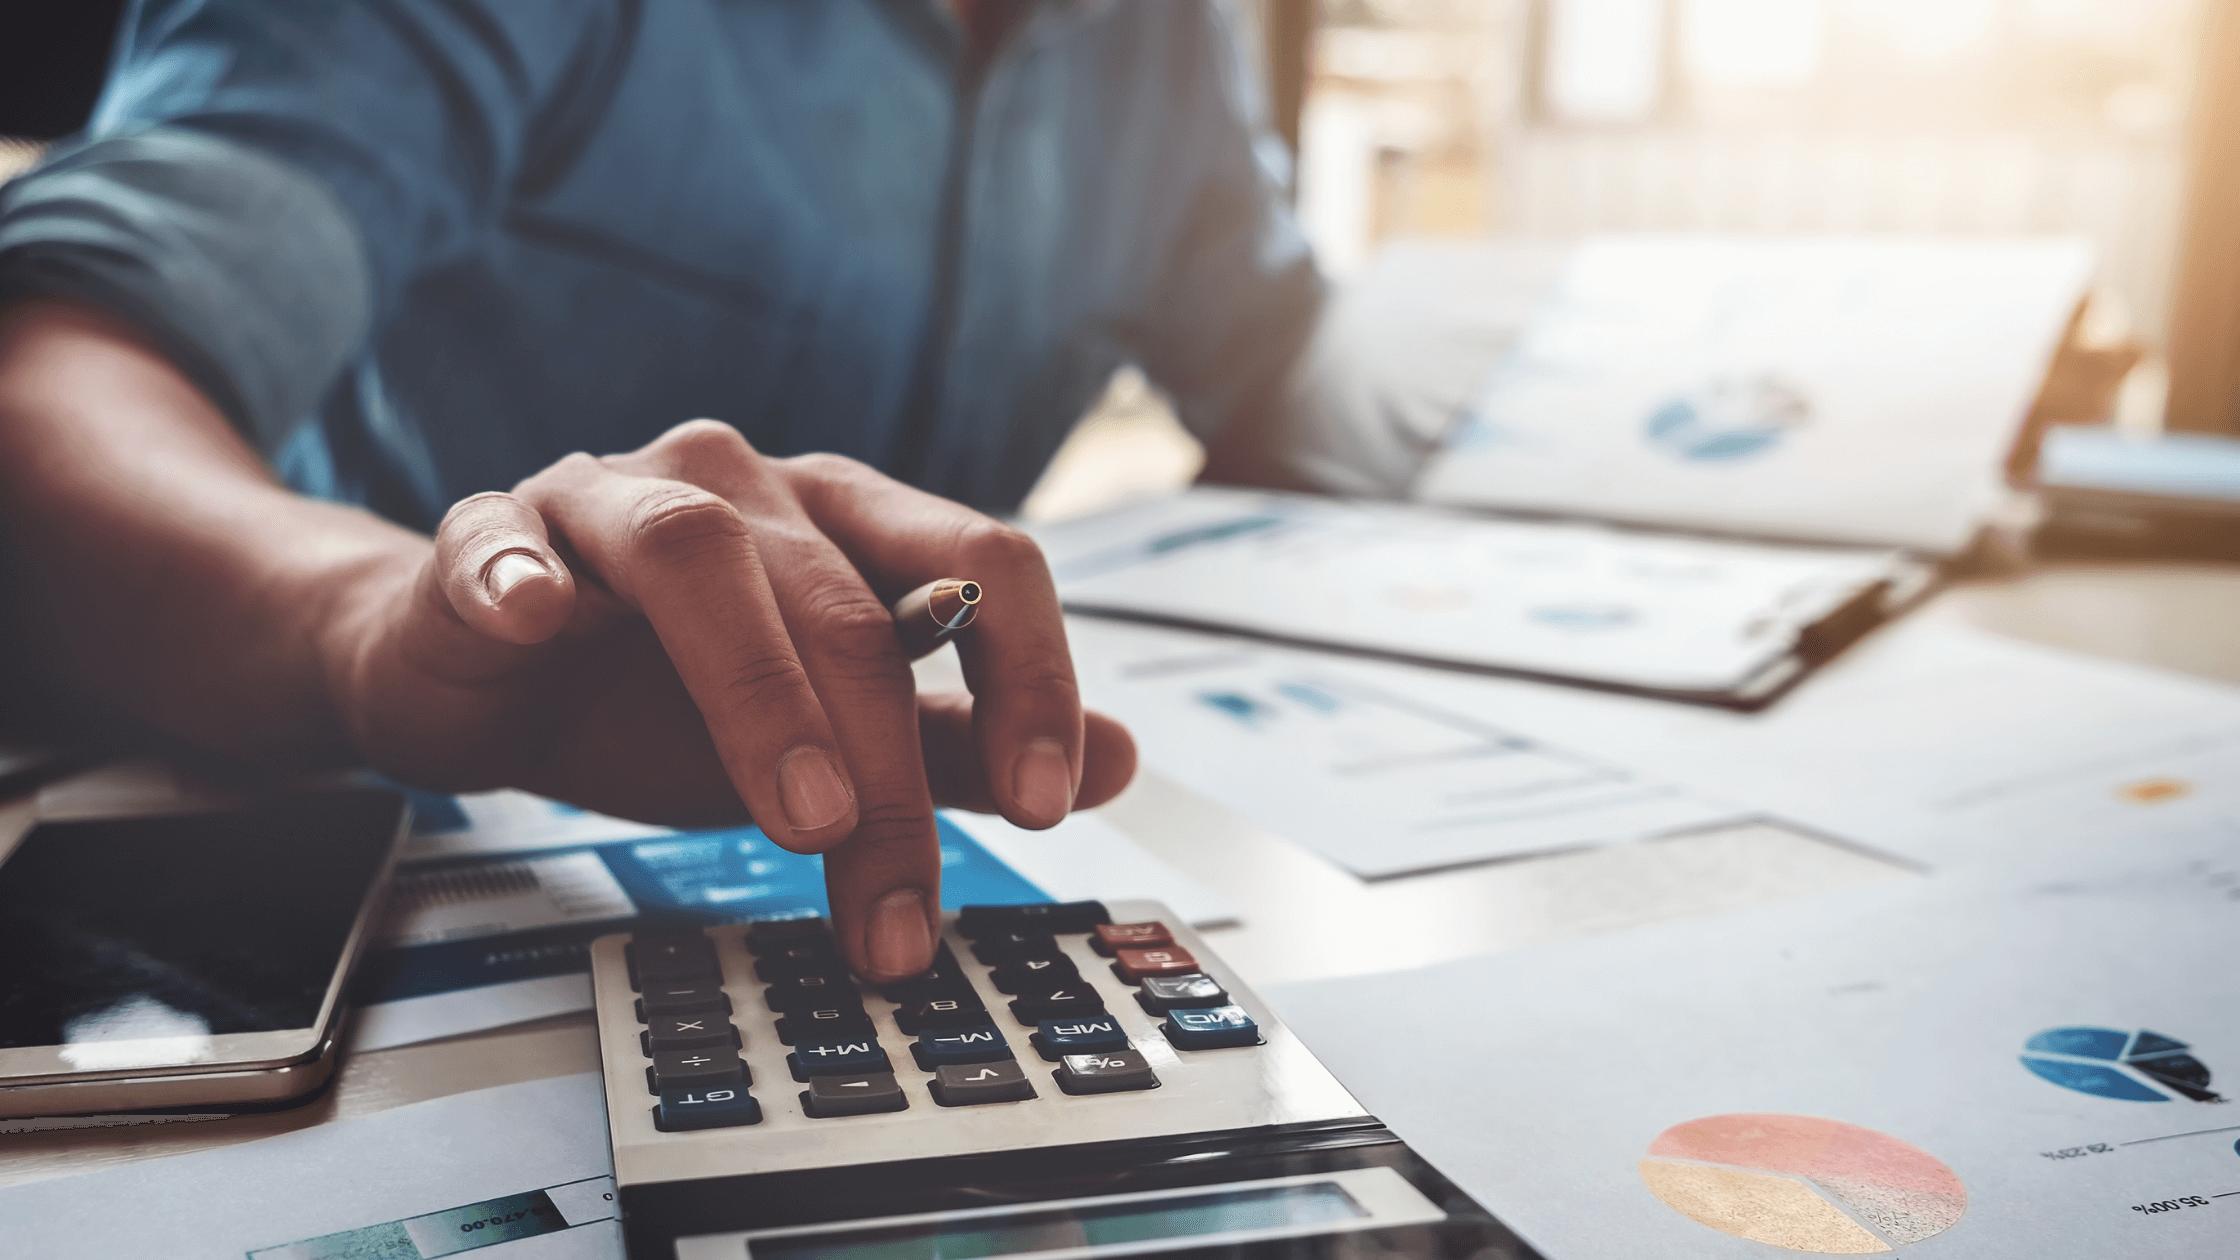 תכנון מס לחברות: הדרך למקסום רווחים